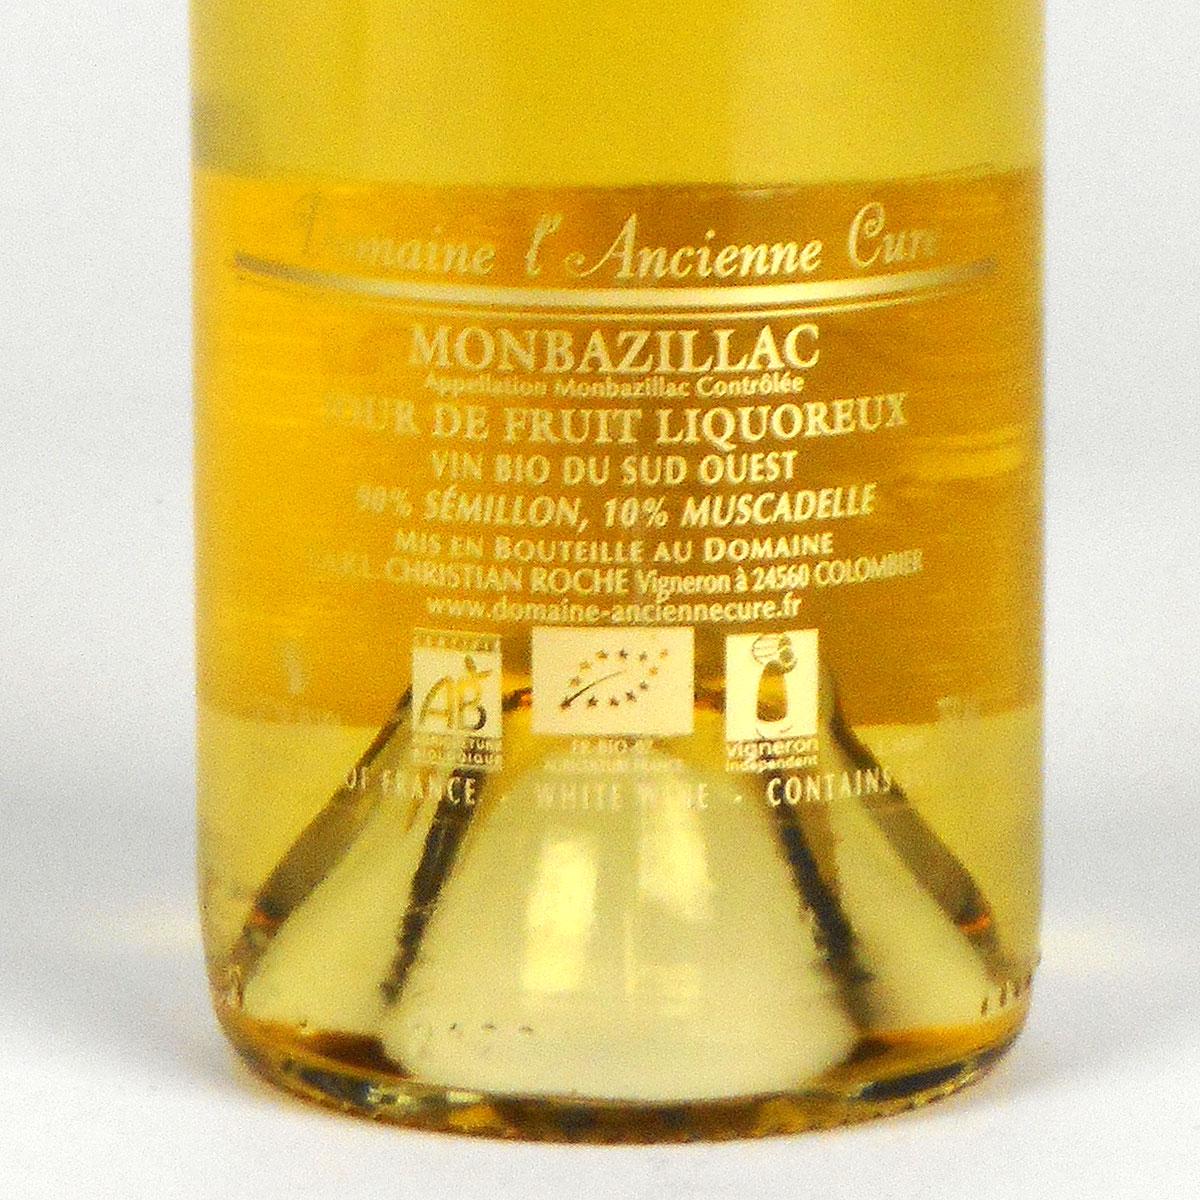 Monbazillac: Domaine de l'Ancienne Cure 2018 - Bottle Rear Label